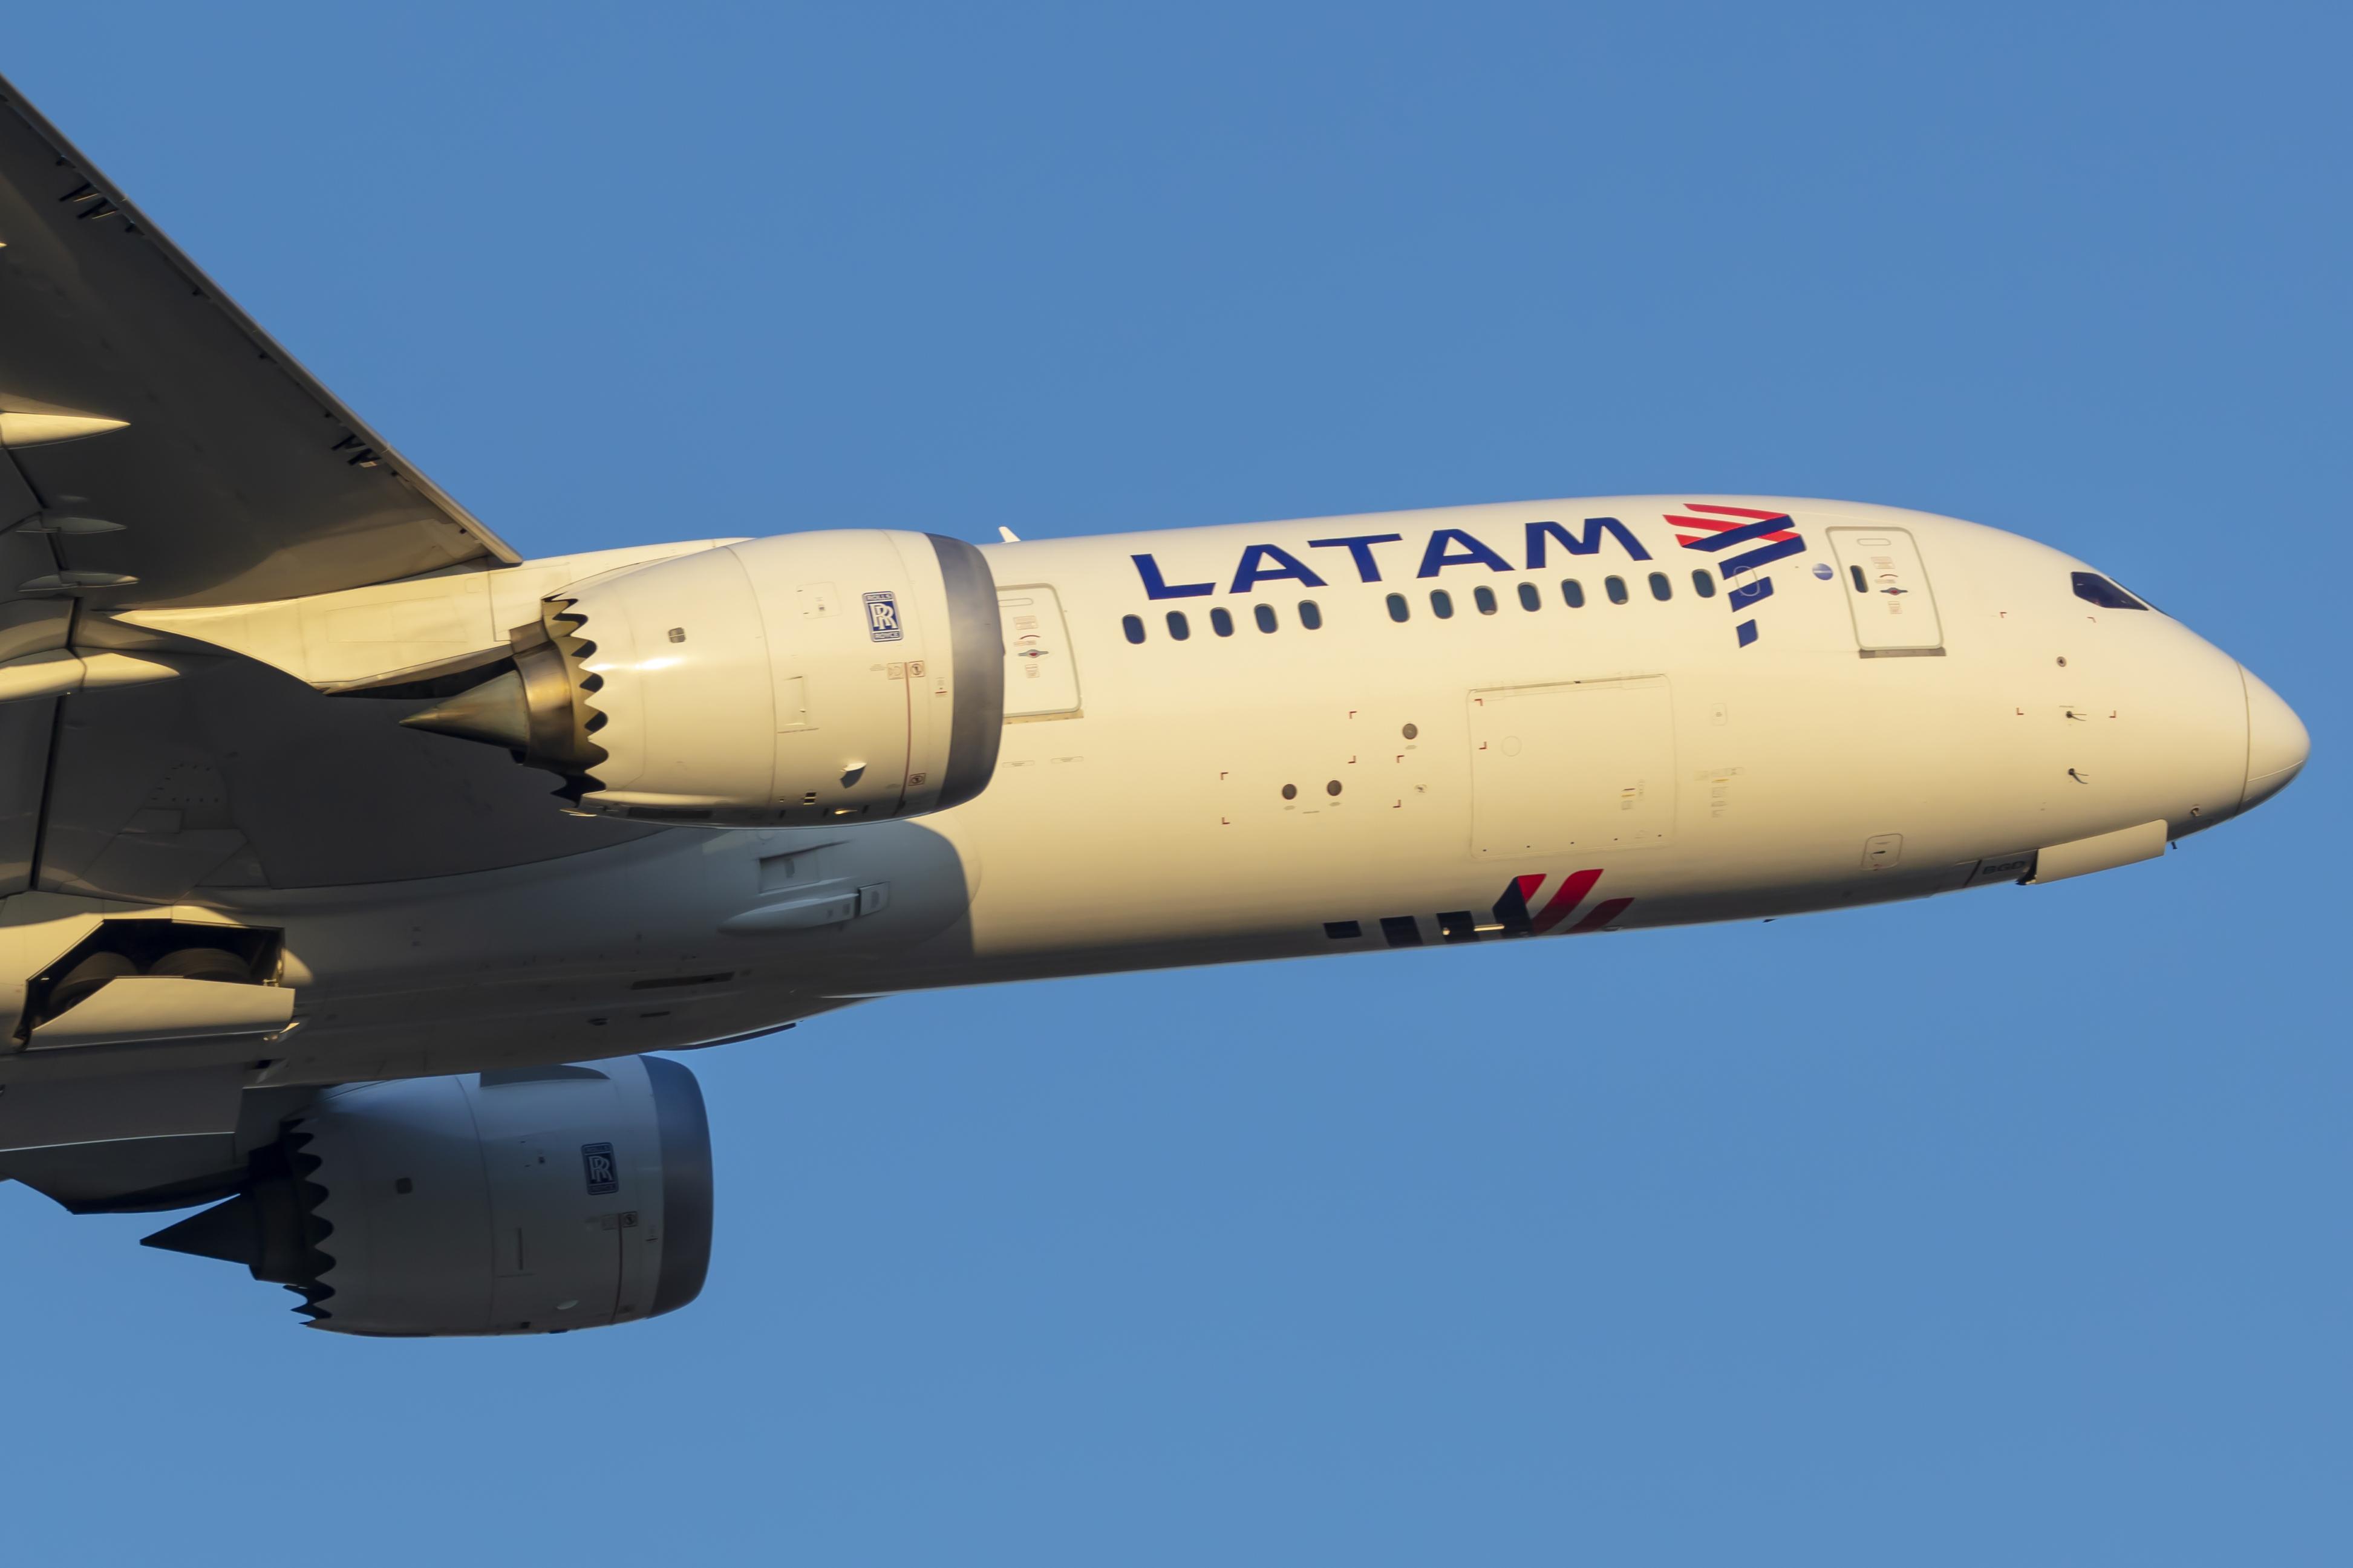 En Boeing 787-9 Dreamliner fra det chilenske flyselskab LATAM. Foto: © Thorbjørn Brunander Sund, Danish Aviation Photo